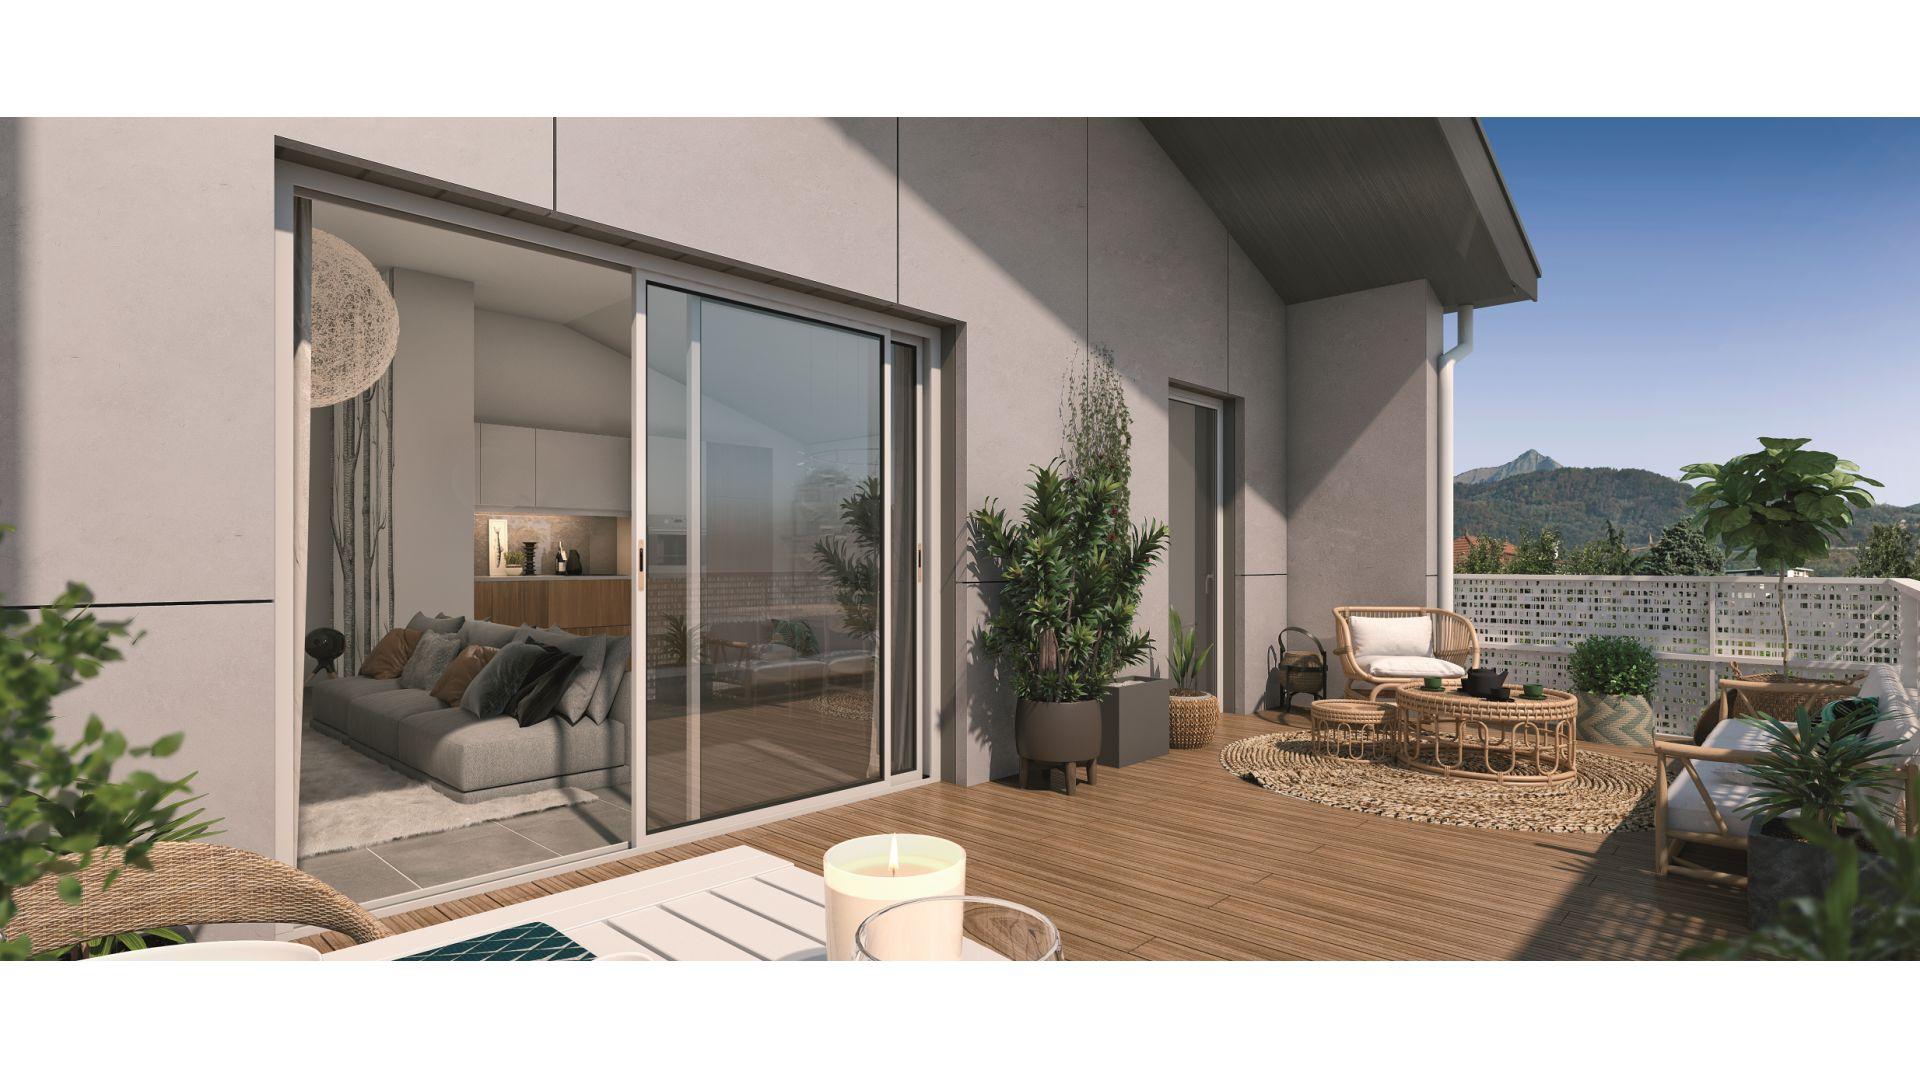 Greencity Immobilier - Résidence Le Saphir - 74300 Cluses - appartements neufs a vendre du T2 au T4 - vue terrasse